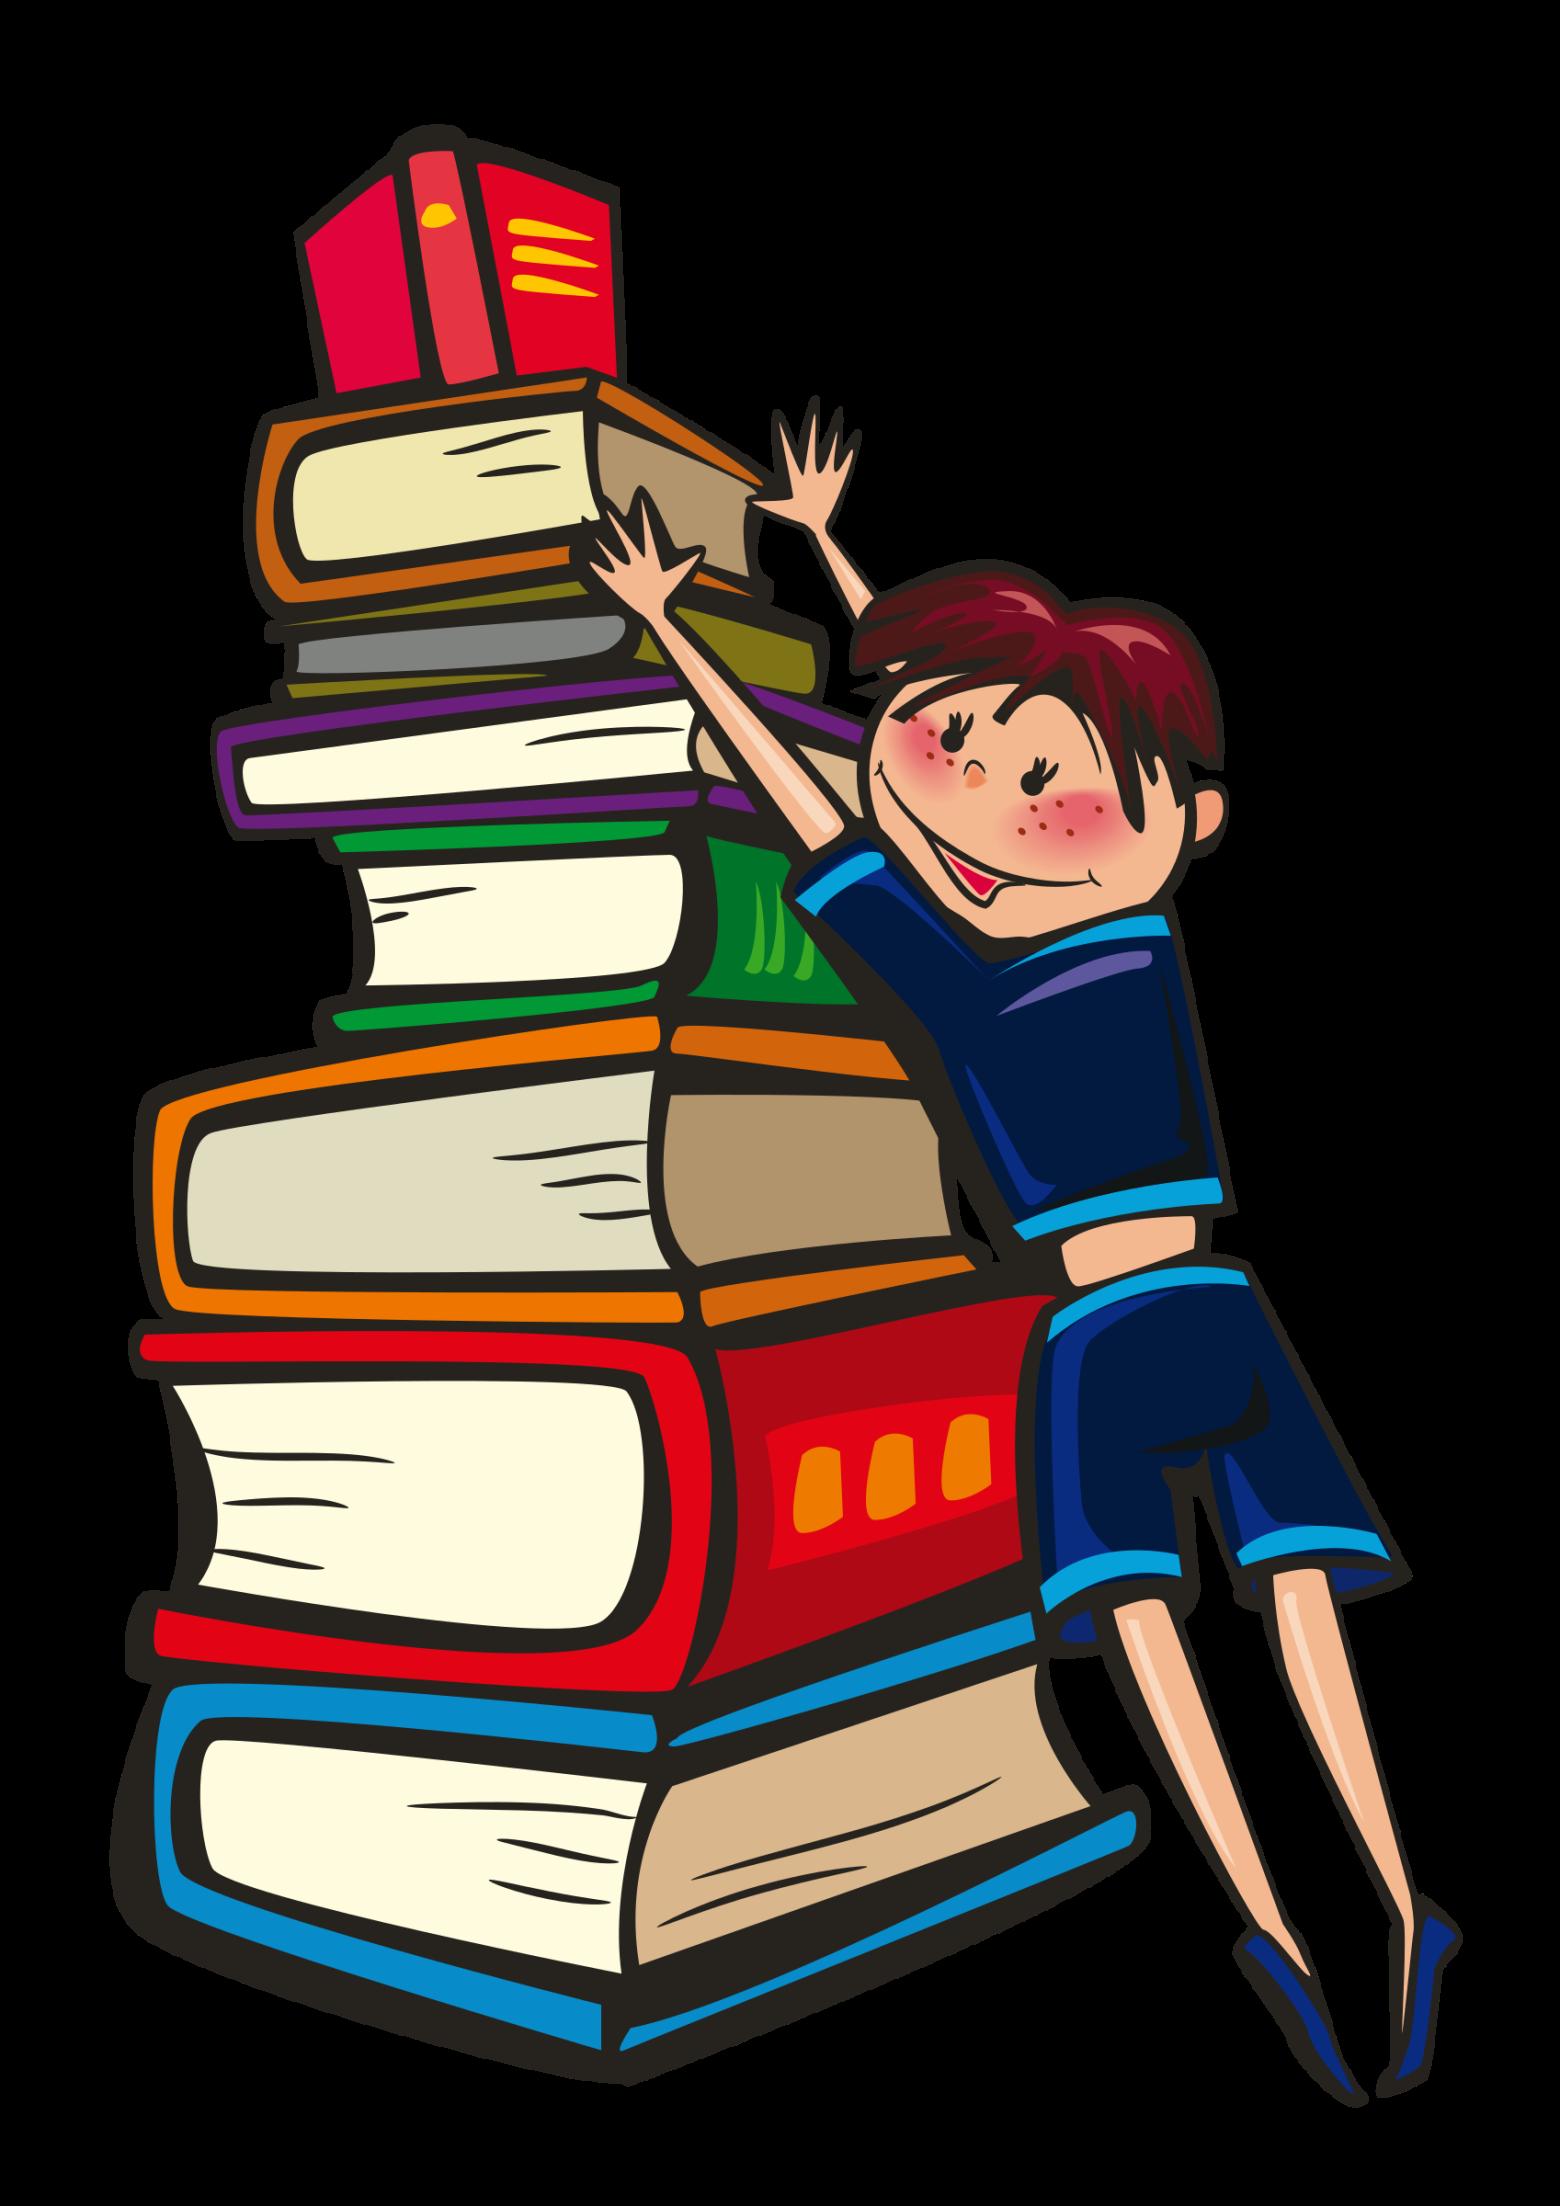 Illustrations Gratuites clipart école enfant livre images illustrations gratuites | images